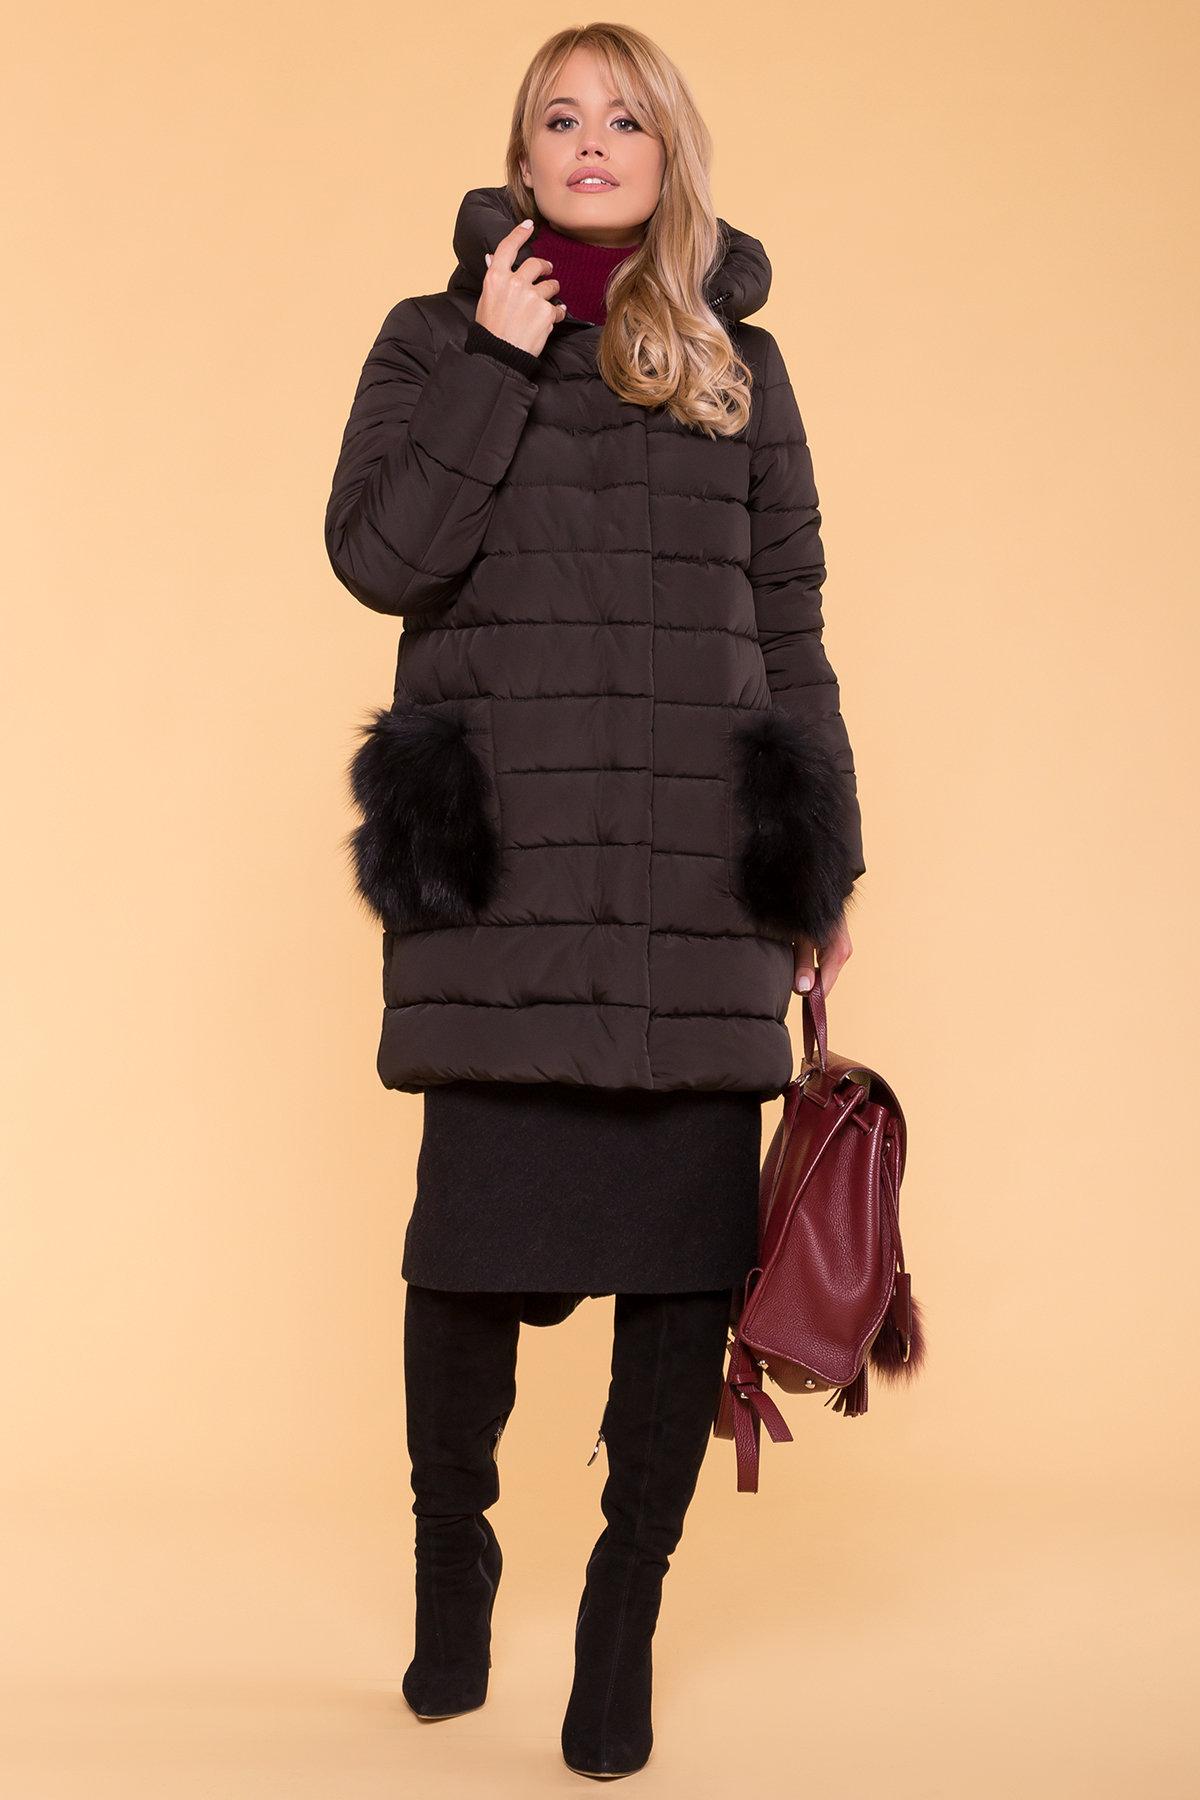 Зимний пуховик прямого кроя Лили Канада 8363 АРТ. 44551 Цвет: Черный - фото 3, интернет магазин tm-modus.ru